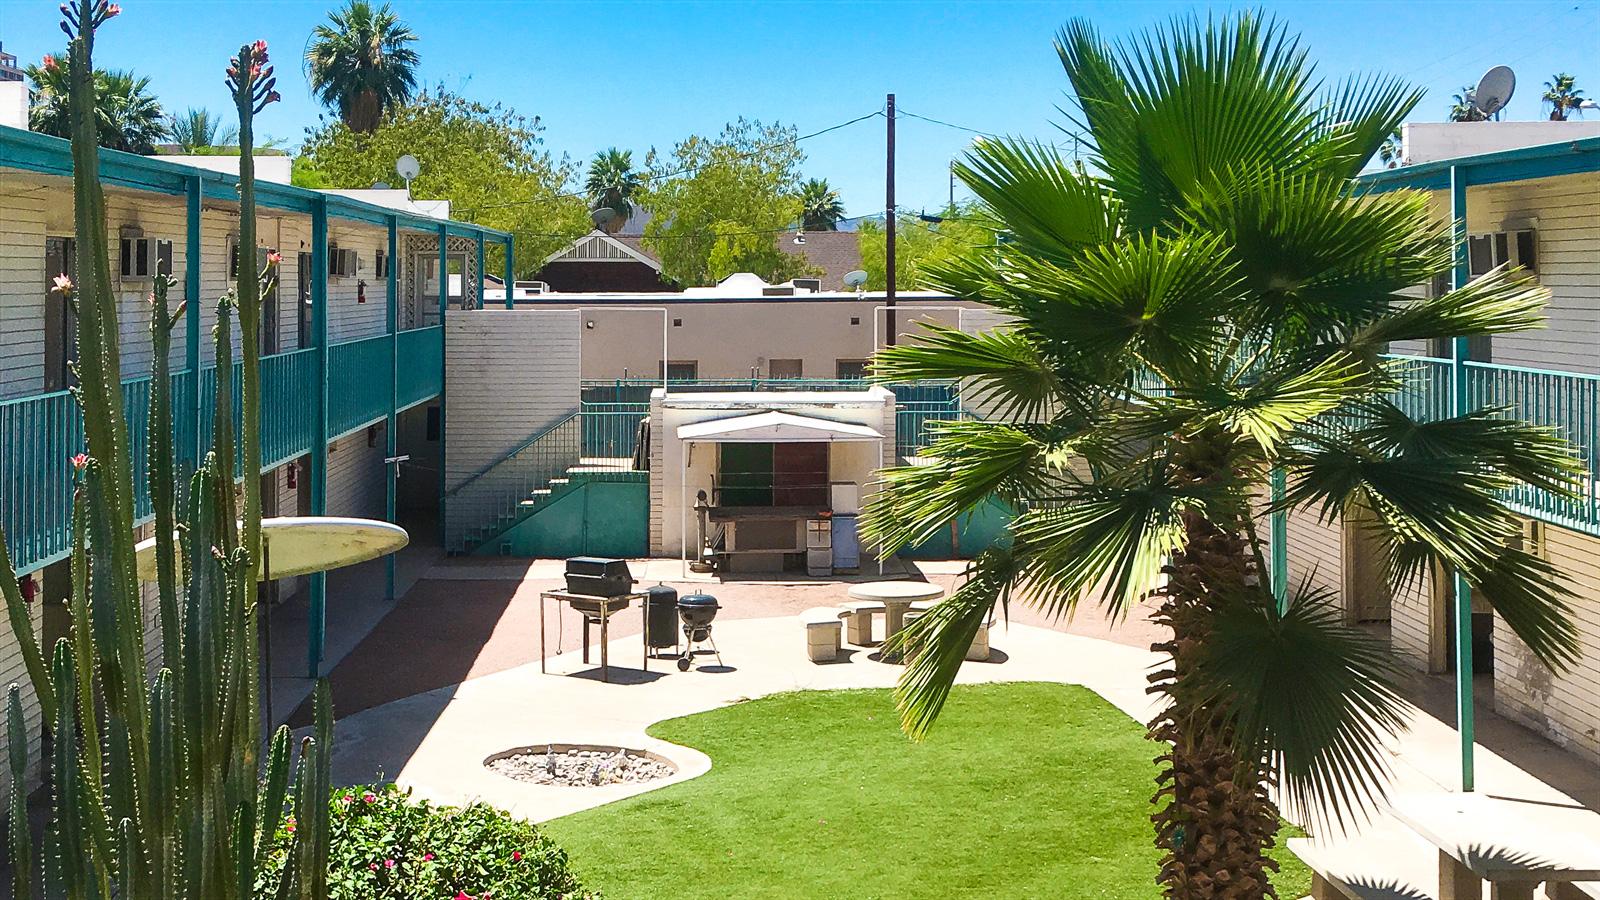 Marshall Manor Apartments | 626 North 5th Avenue, Phoenix, AZ 85003 | 40 Units | Built in 1961 | $2,700,000 | $67,500 Per Unit | $145.30 Per SF